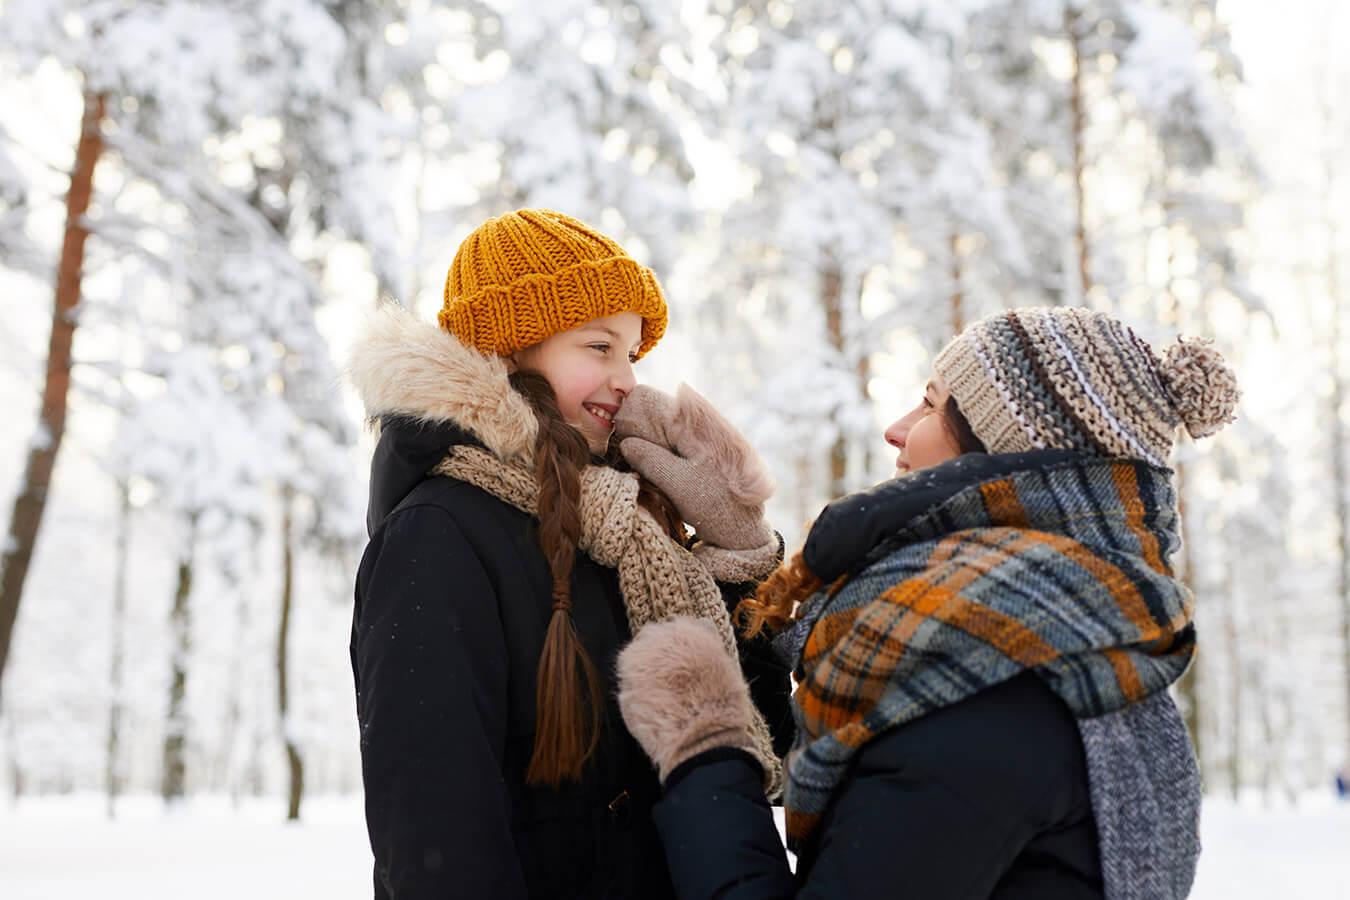 Wiersze o zimie – najpiękniejsze utwory o śniegu i mrozie